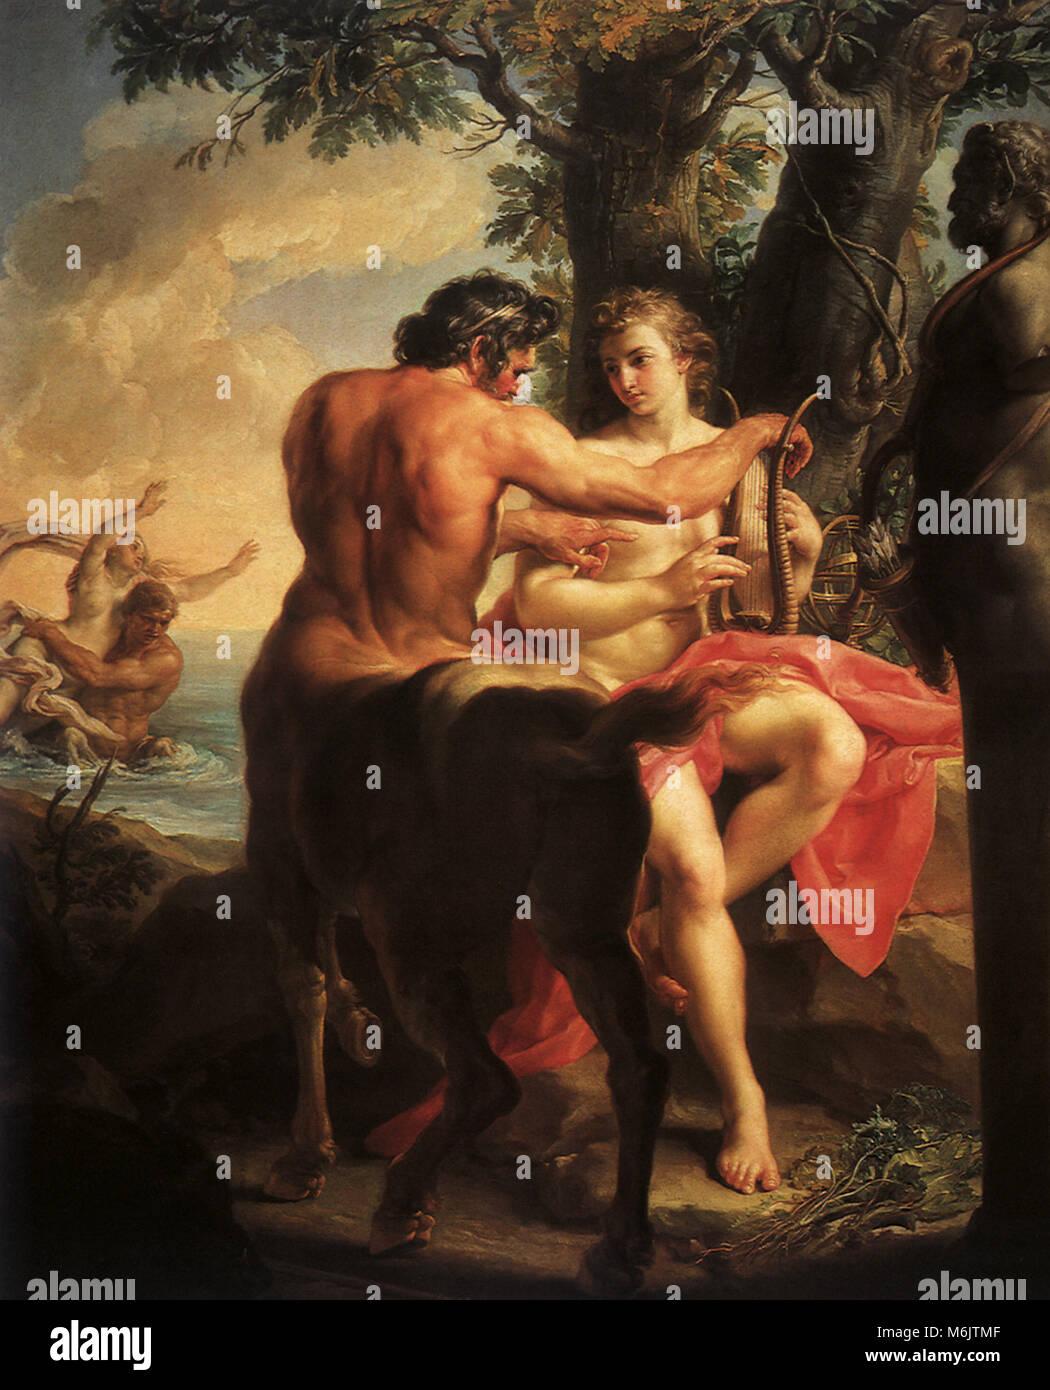 Aquiles y el centauro Quirón d7a8e24235baf